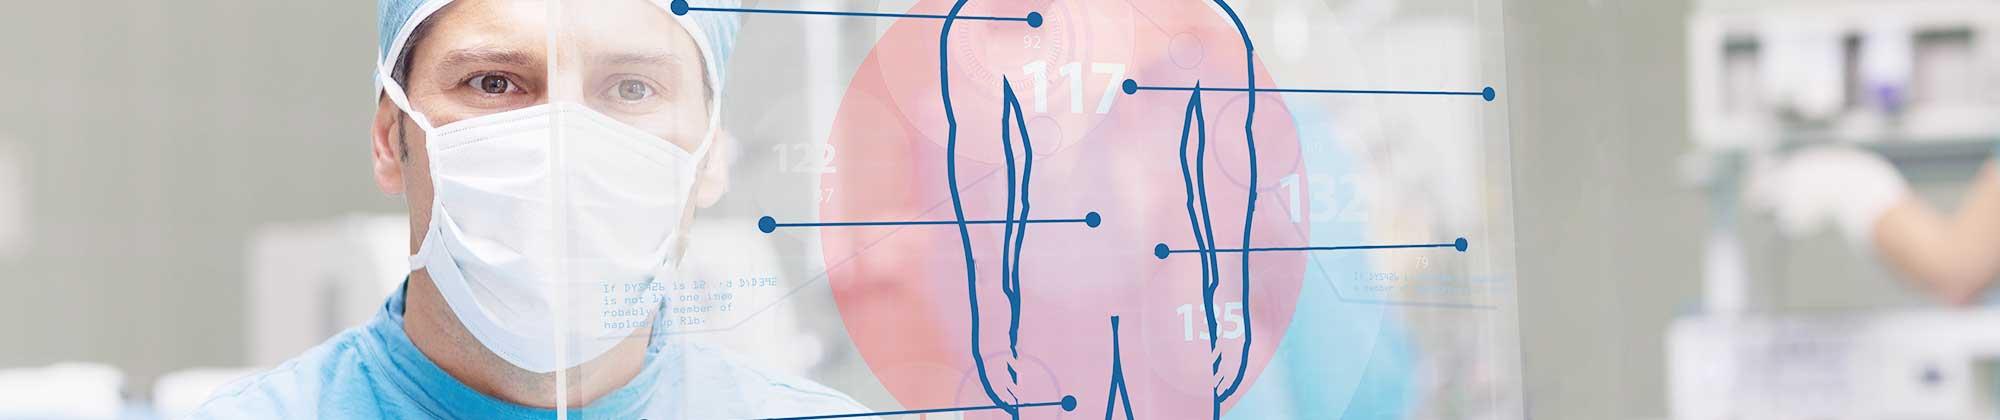 Facharzt Analyse Orthopädie Zentrum Hannover